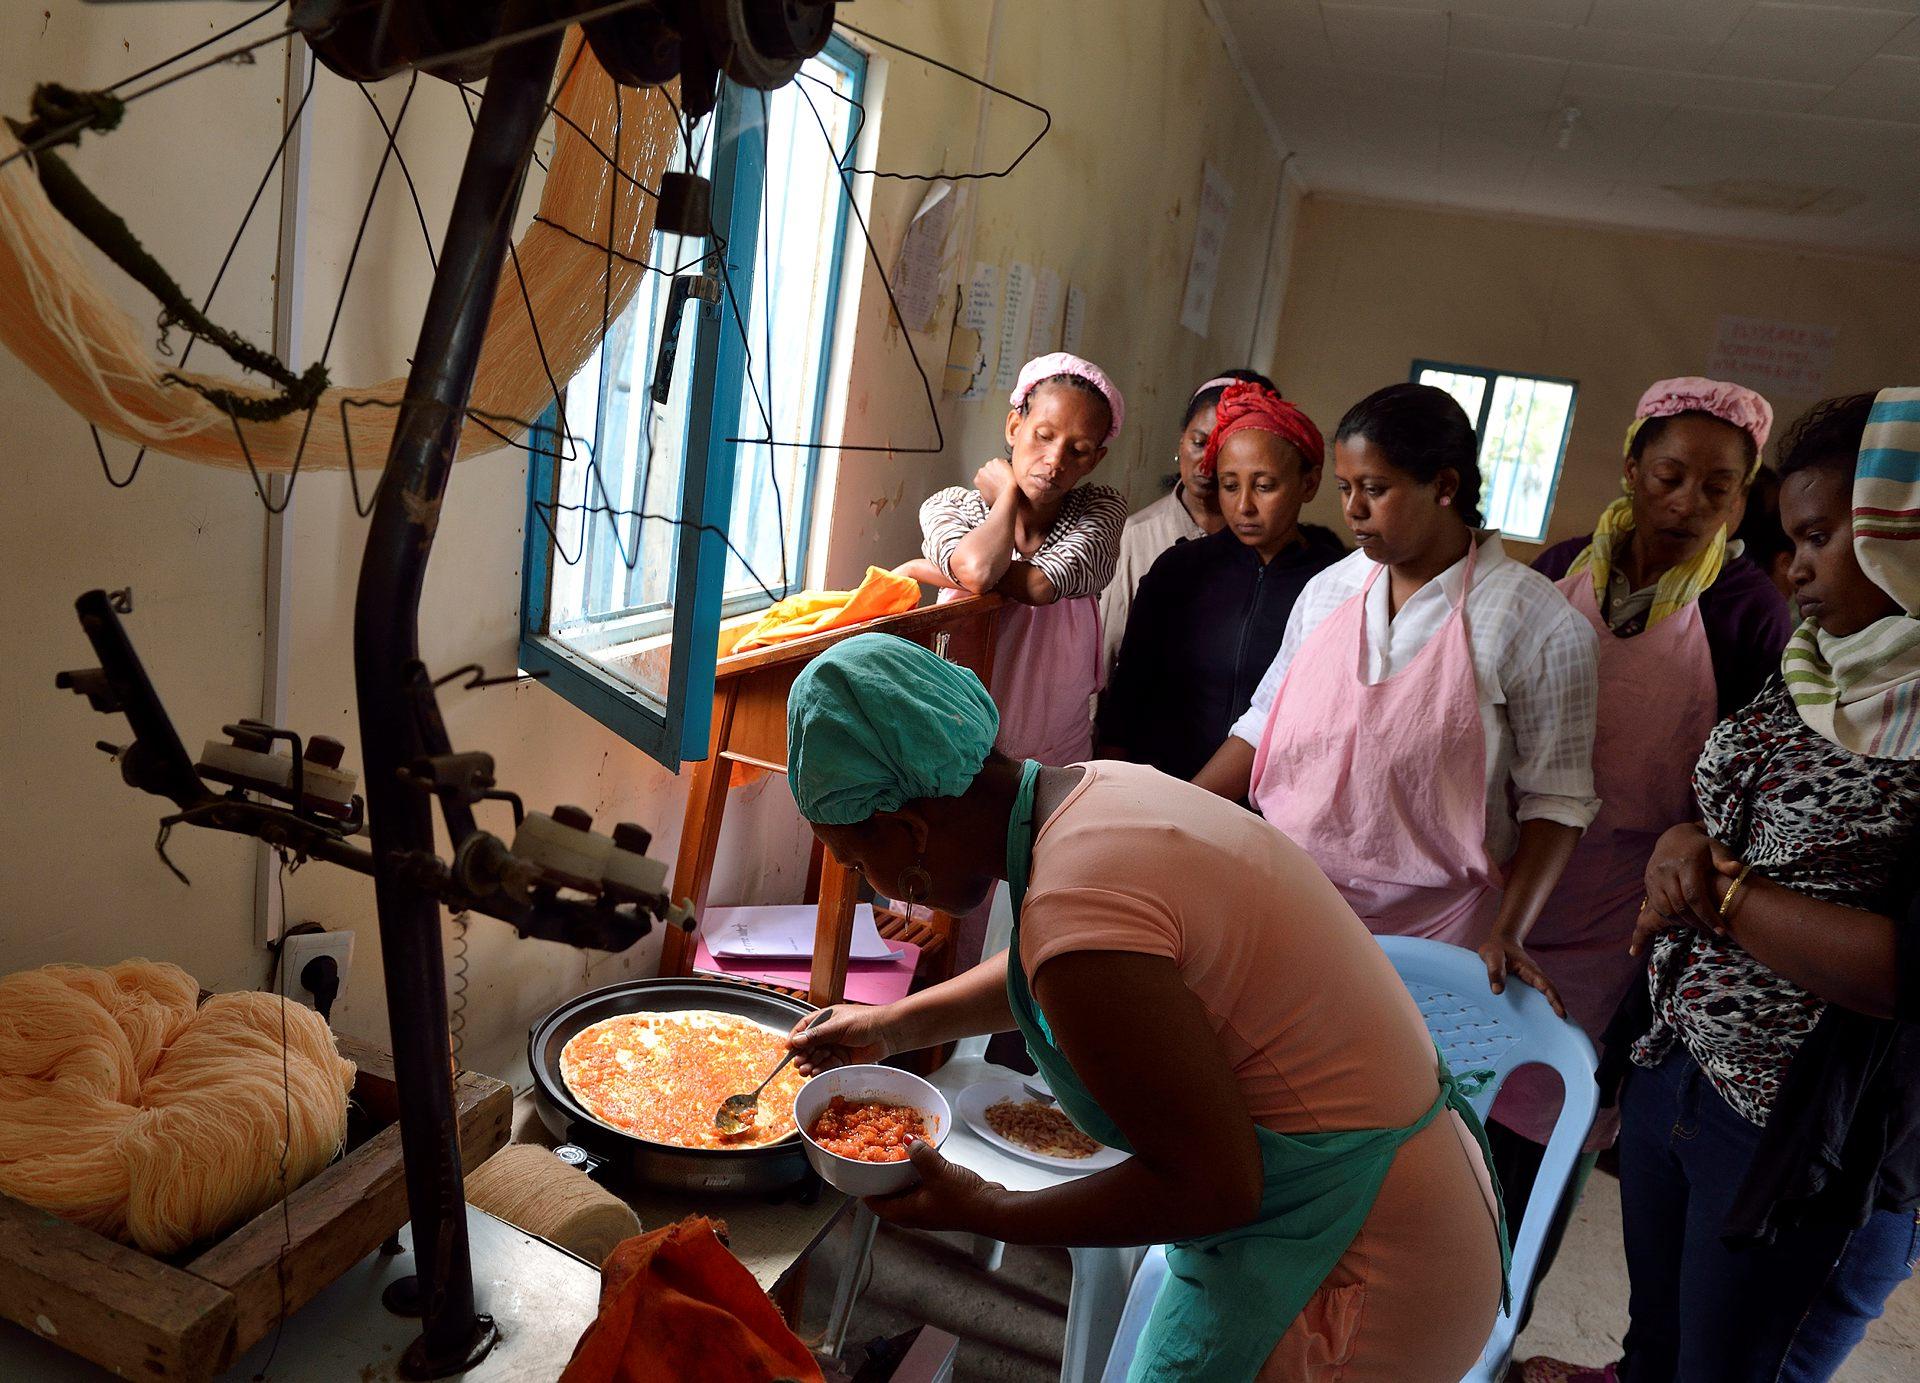 Hos kyrkan får kvinnorna lära sig matlagning och hur de startar upp ett eget företagande med försäljning av t.ex. bröd eller piroger. Foto: Magnus Aronson/IKON